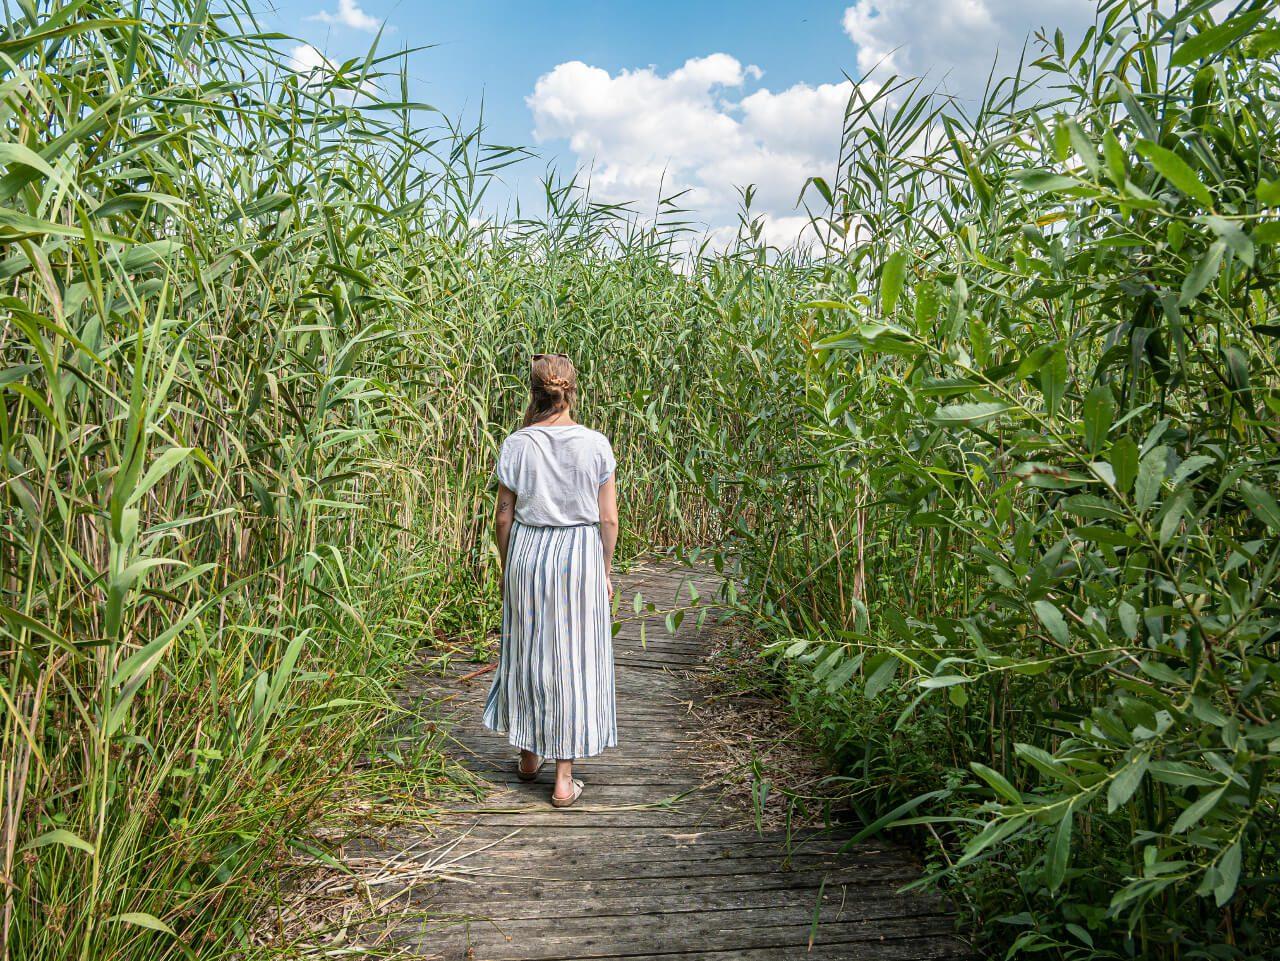 Arboretum Leśne Ciekawe Miejsca Atrakcje Stradomia Wierzchnia5 W Okolicach Sycowa